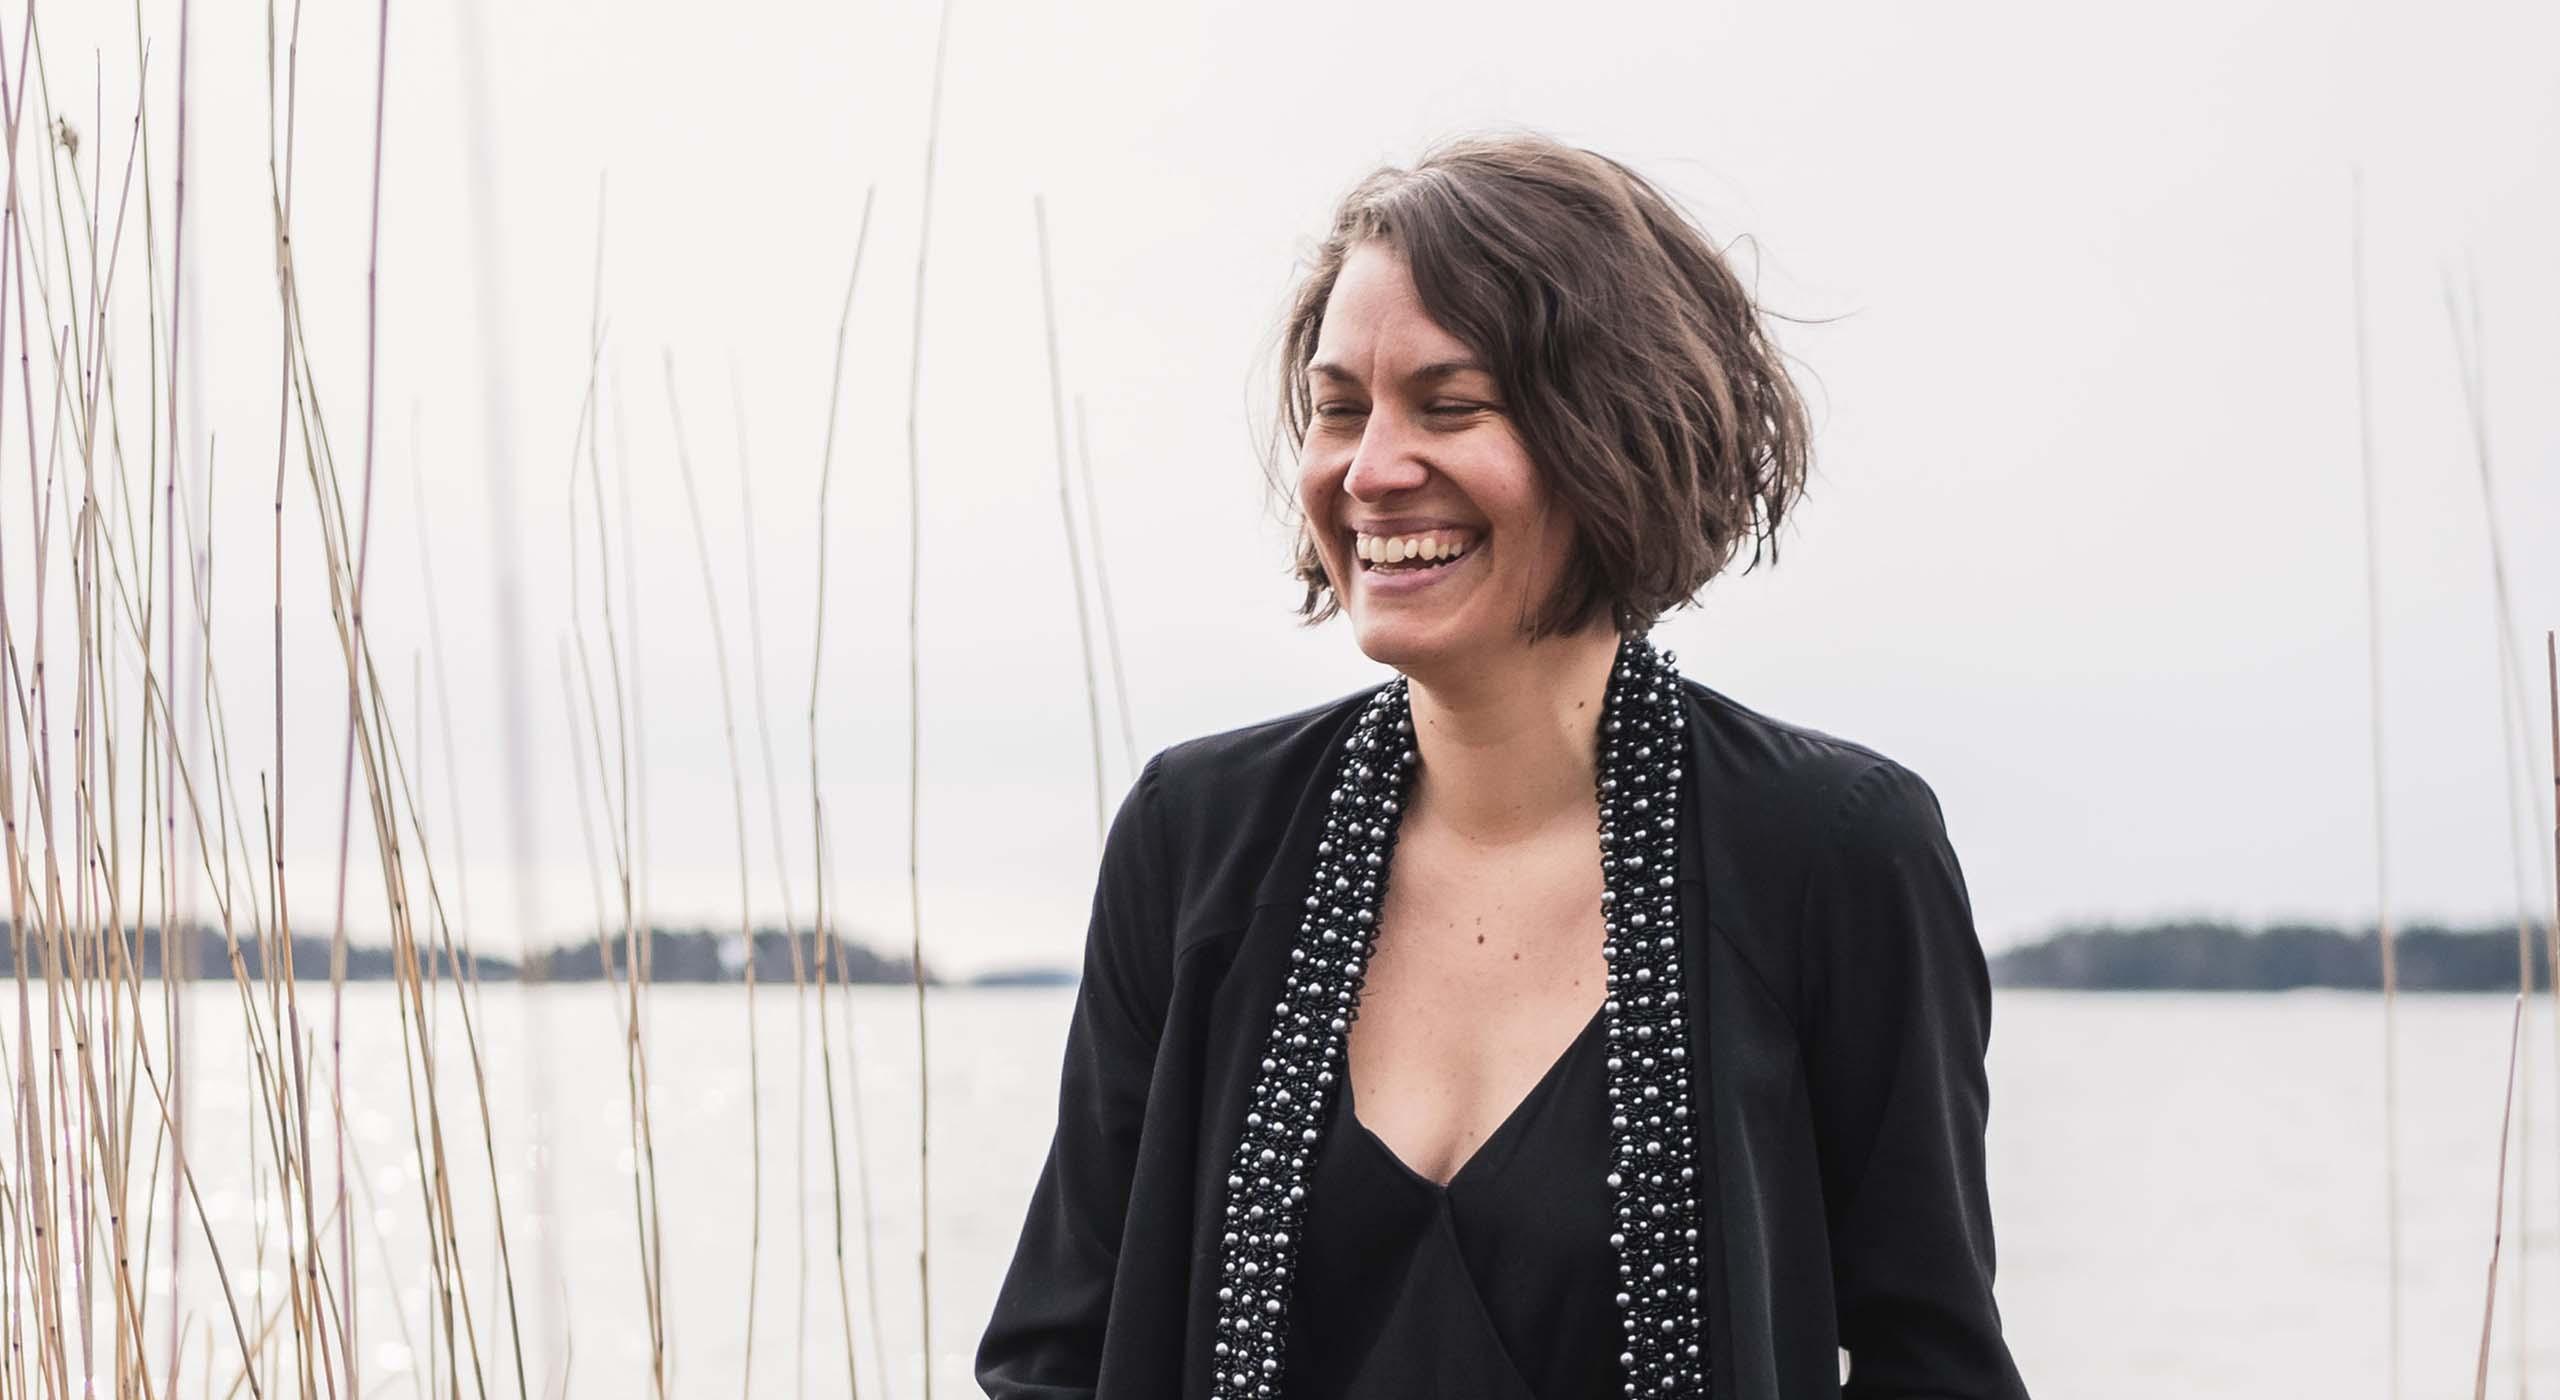 Amanda Backholm sitter och ler vid vattnet